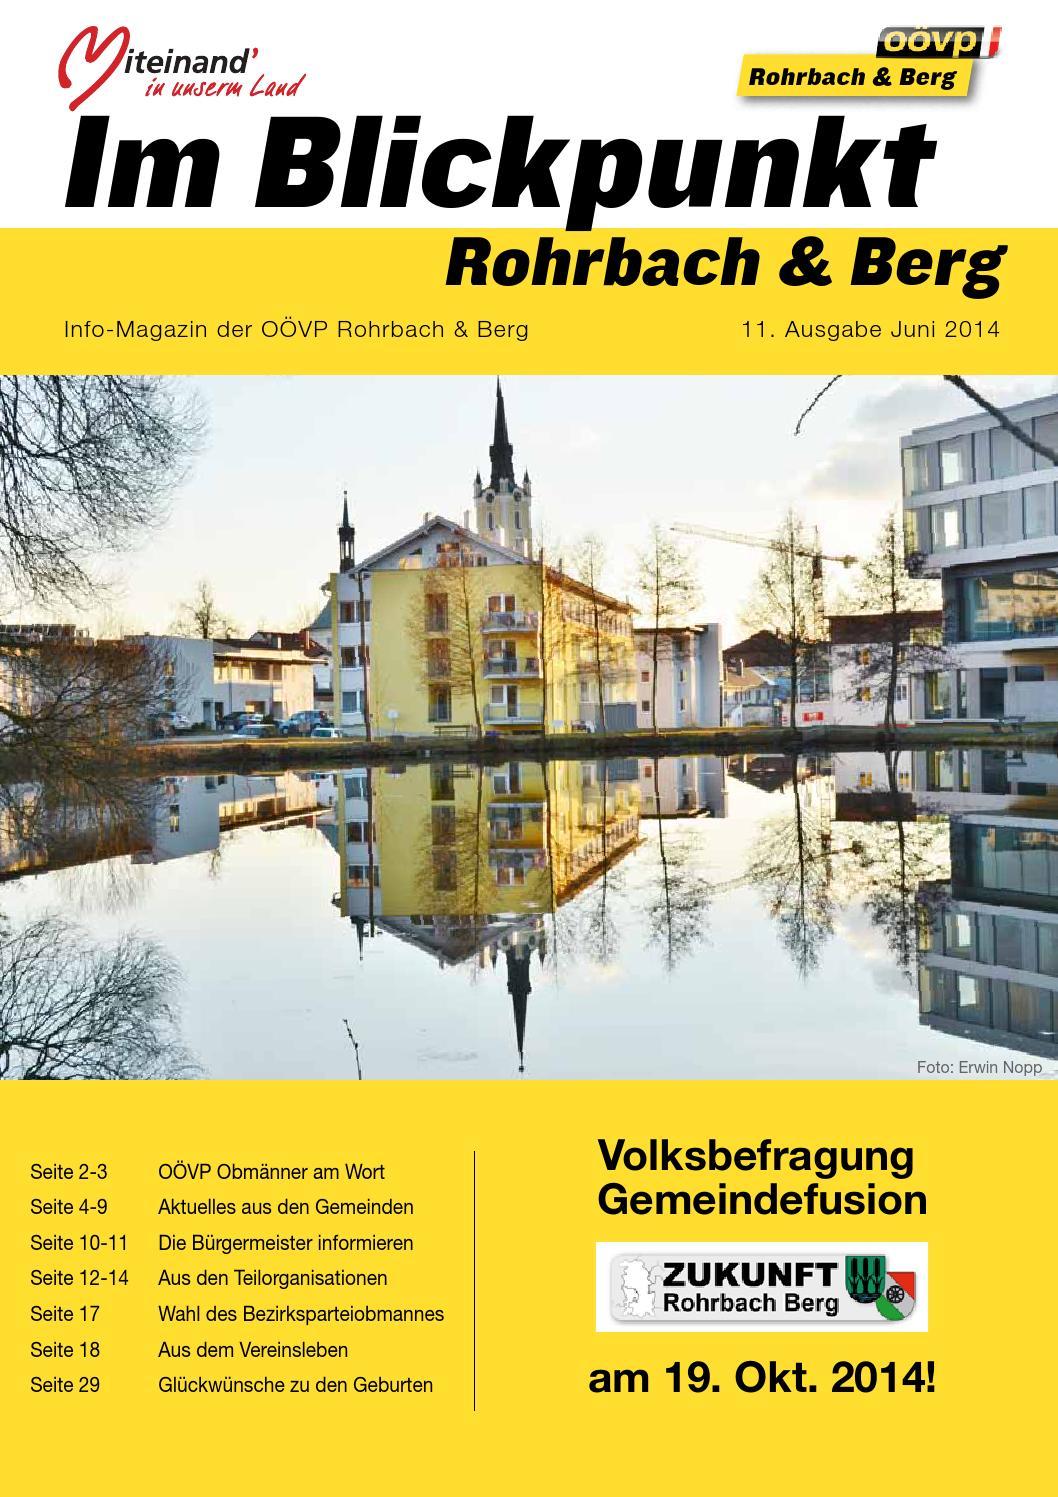 Korneuburg single night - Singles kennenlernen aus bad